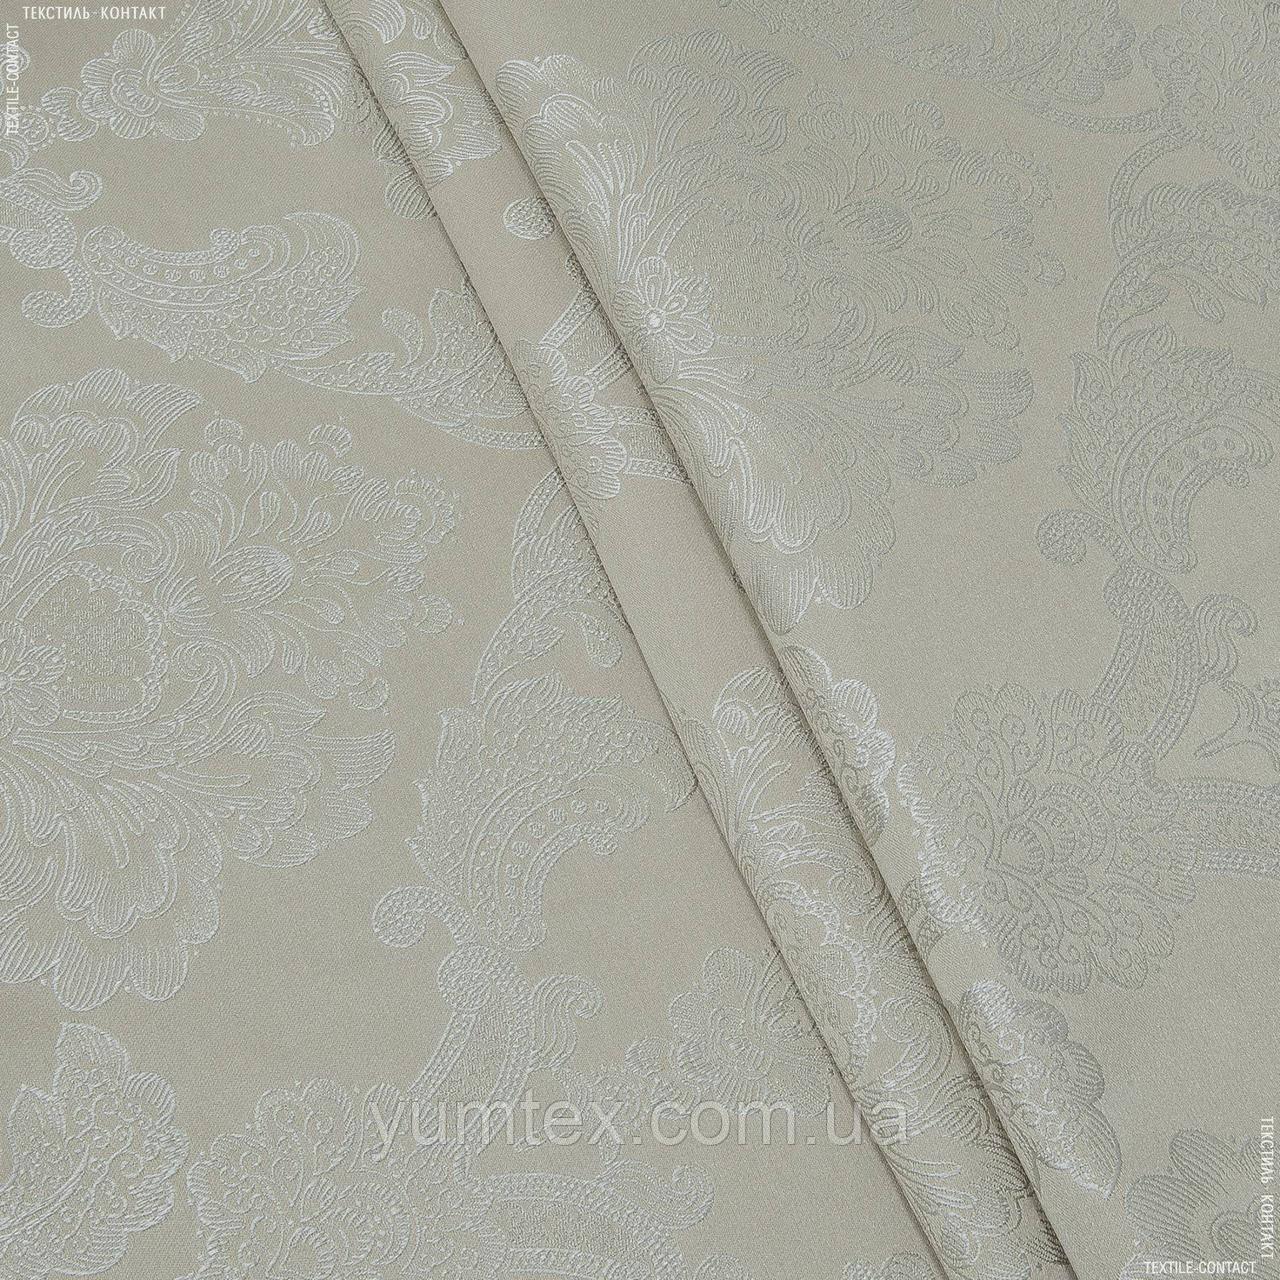 Декоративна тканина бейліс беж 141349